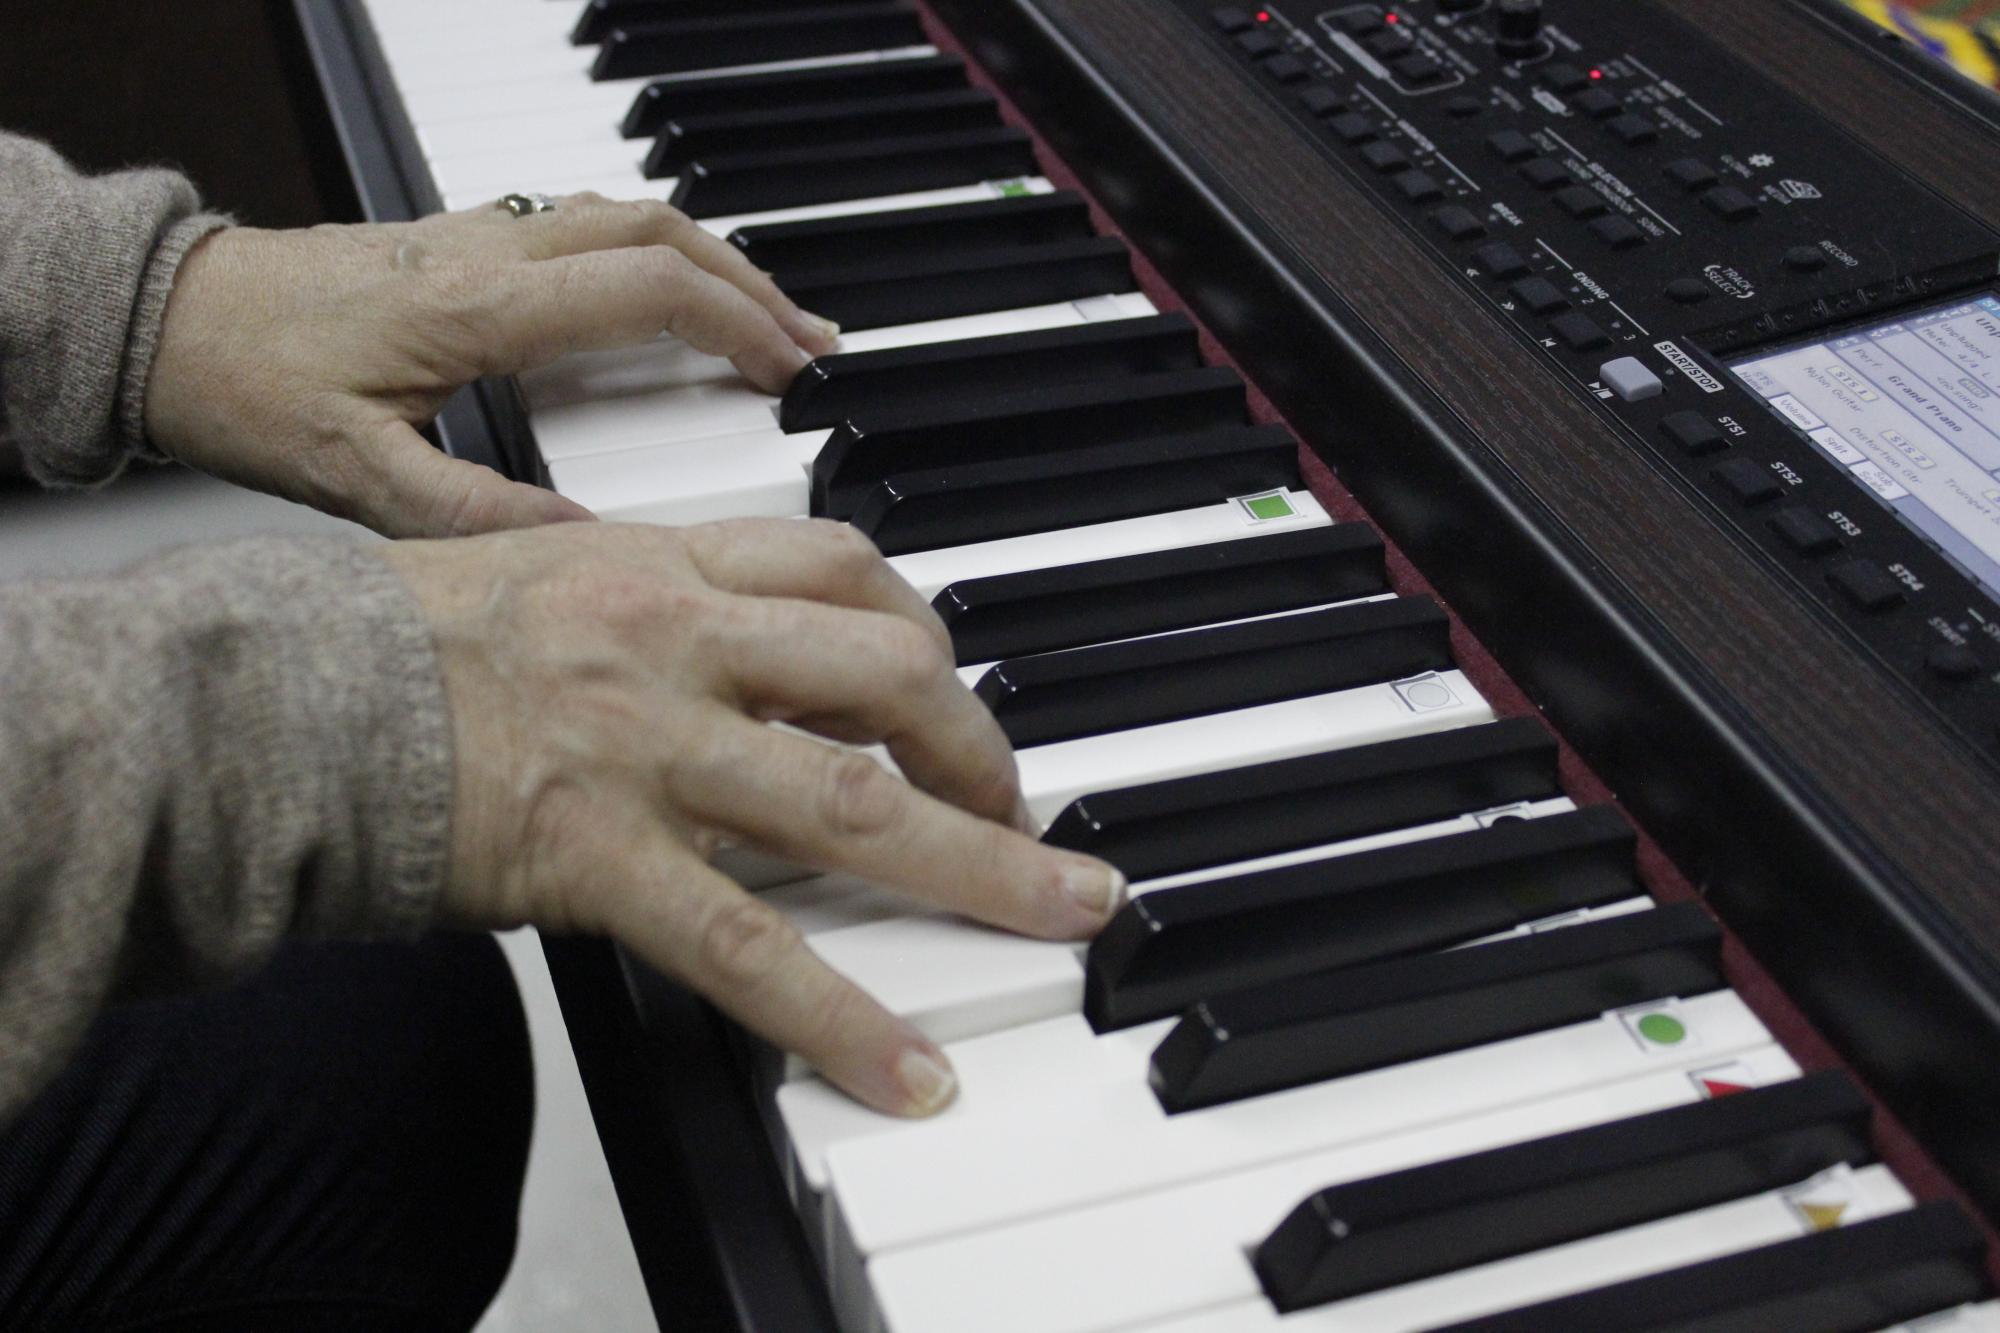 Musiikkiterapiaa varten kehitettyjen värillisten kuvionuottien avulla aloittelija oppii nopeasti soittamaan kappaleita.